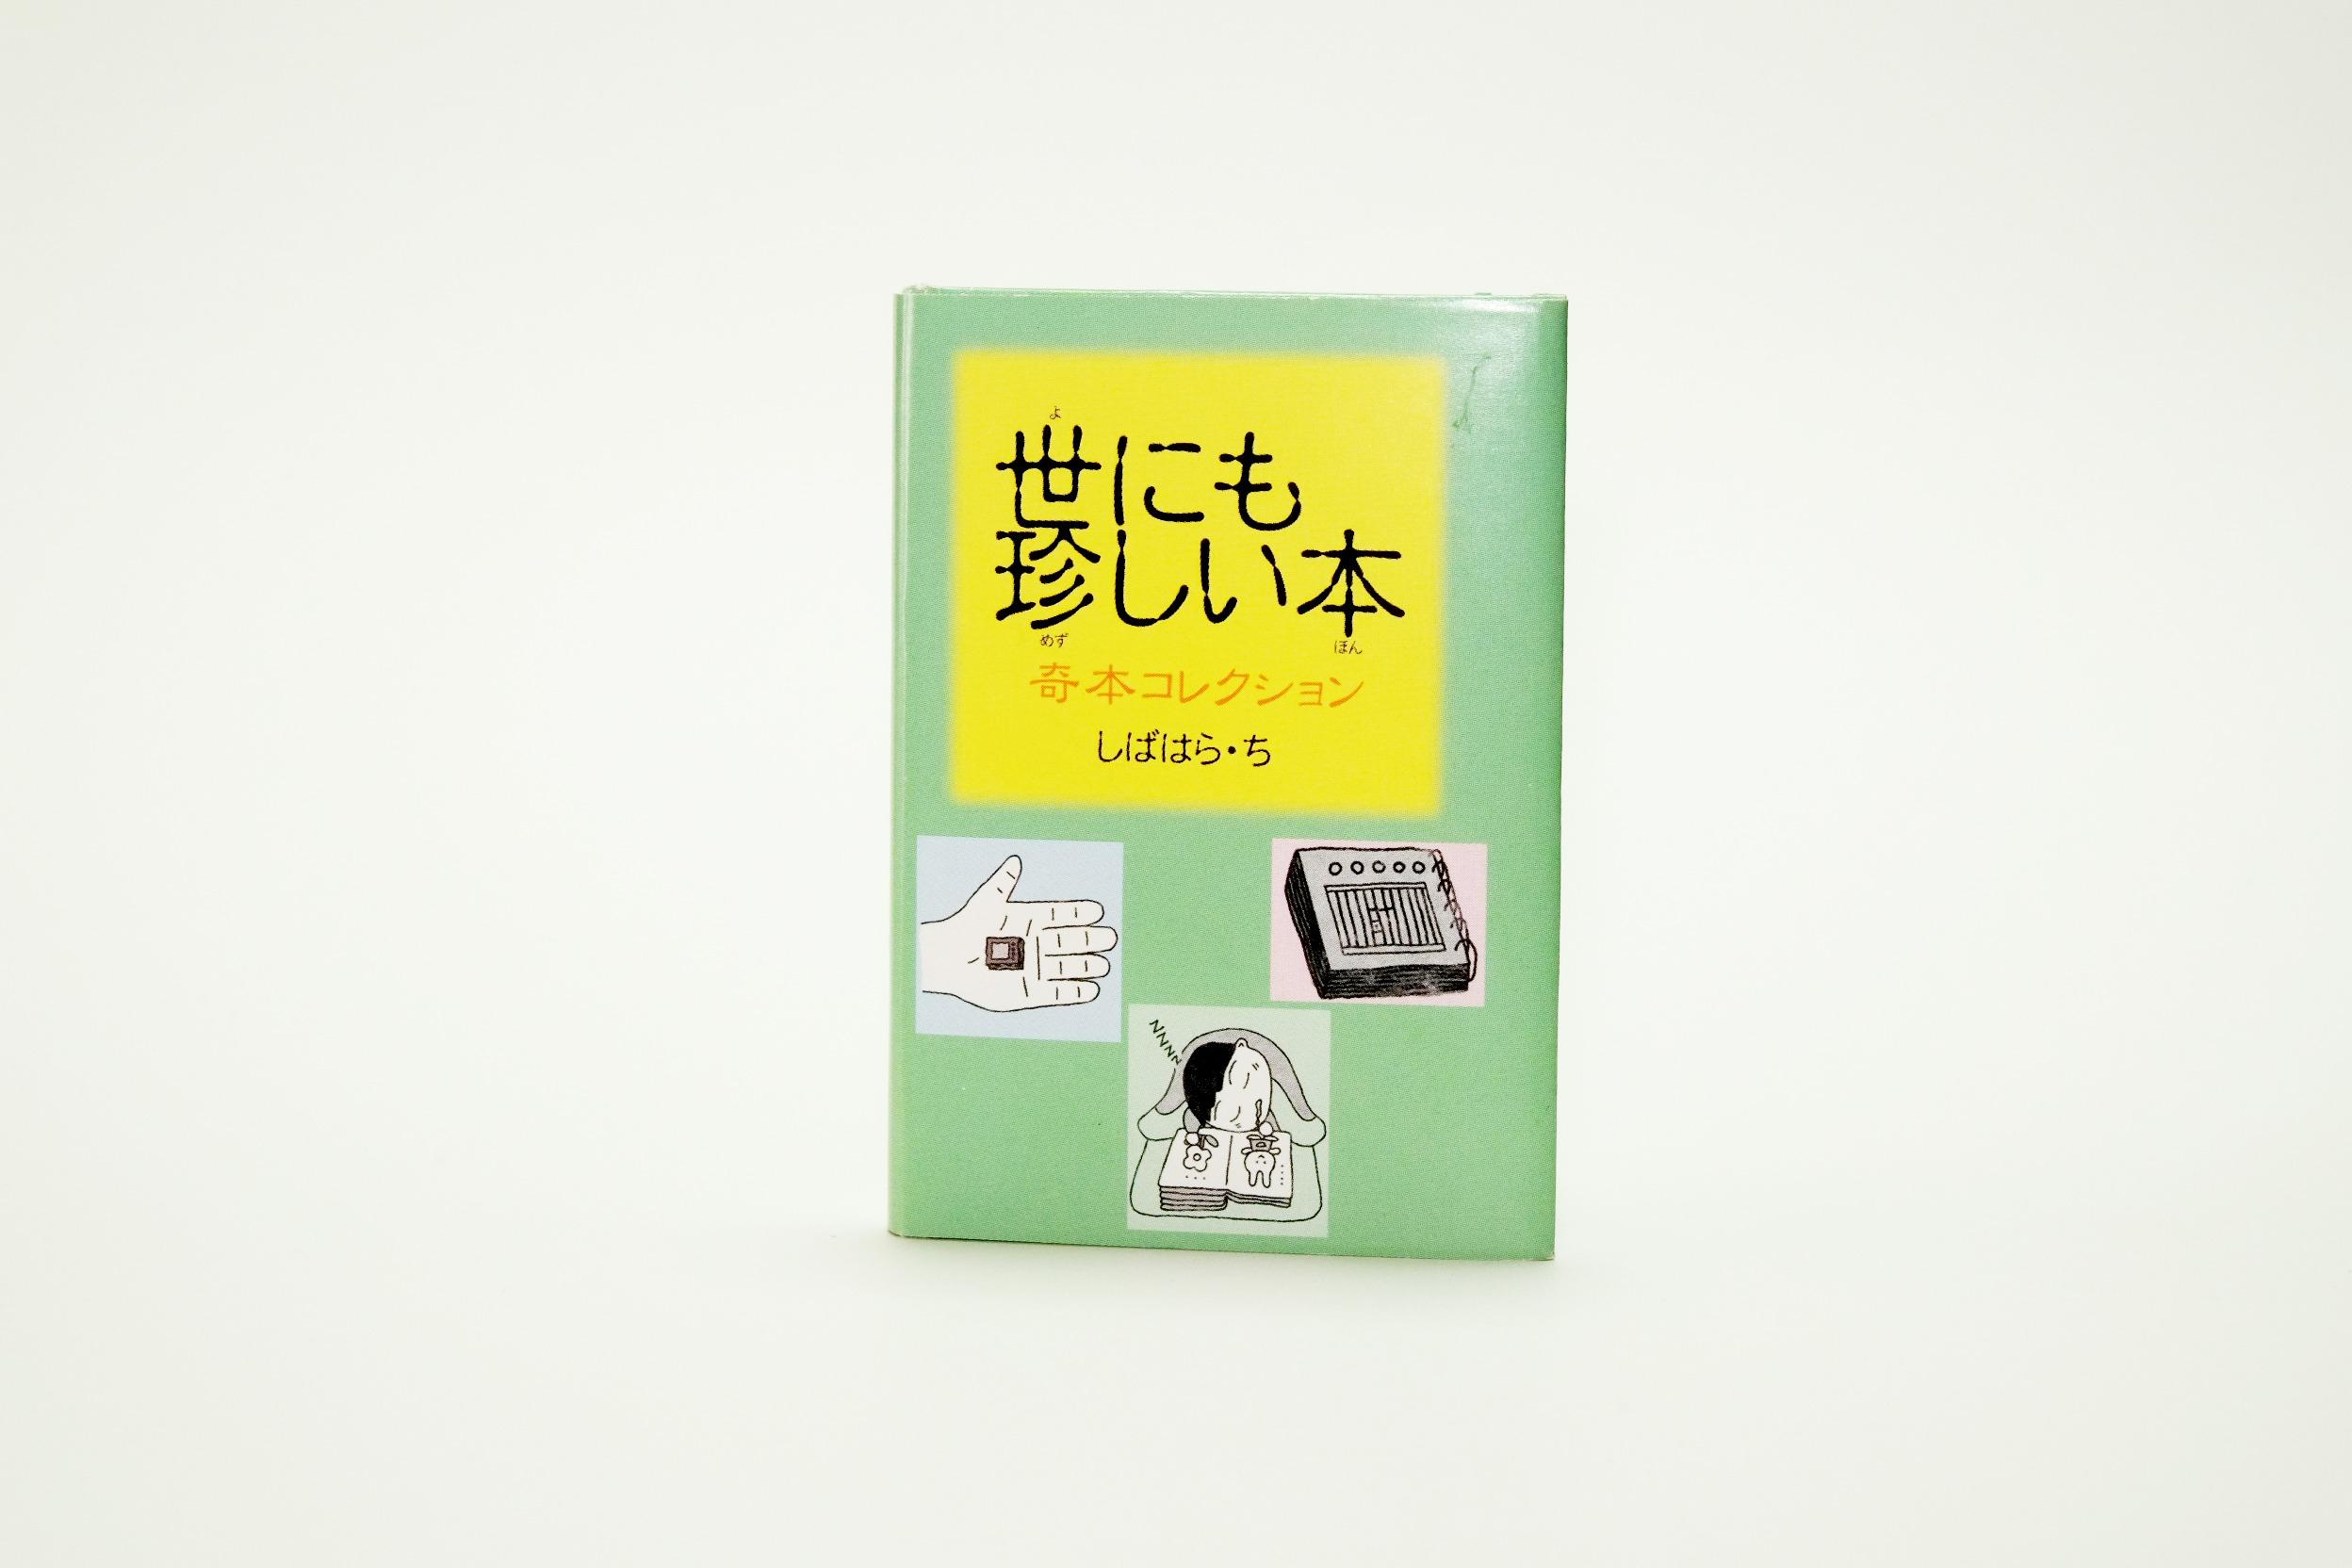 豆本 世にも珍しい本